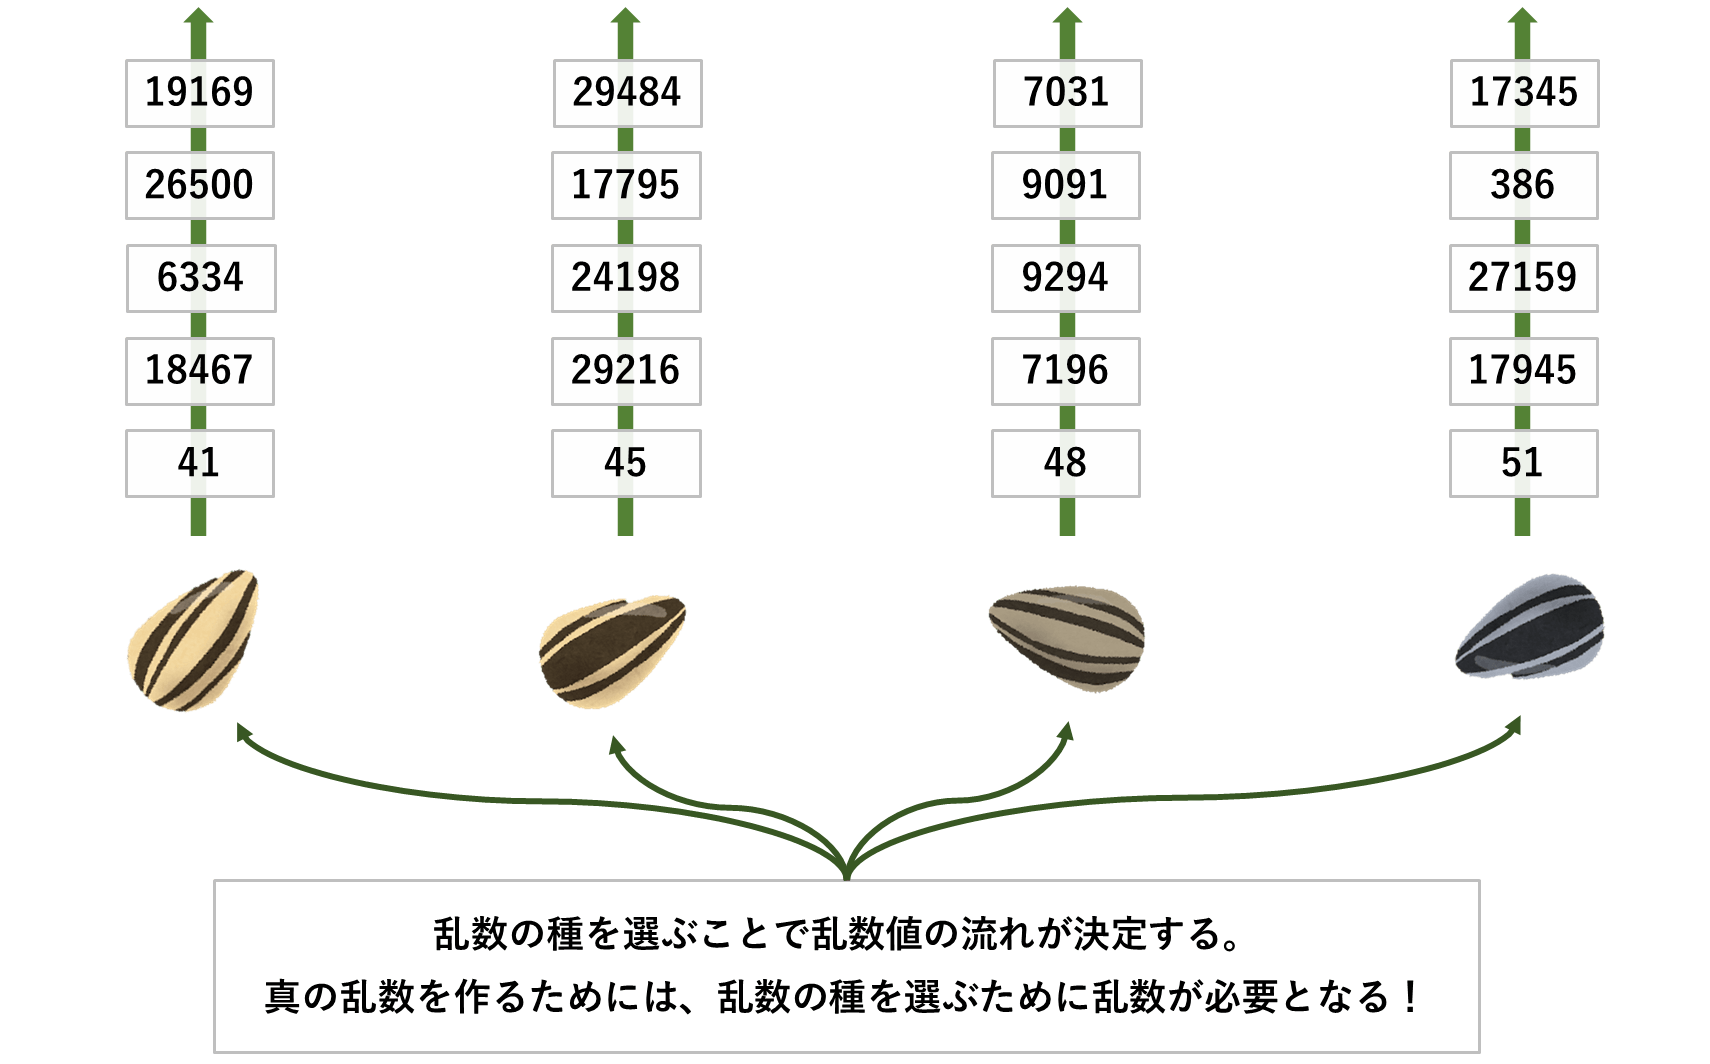 乱数の種の違いによる乱数の違い